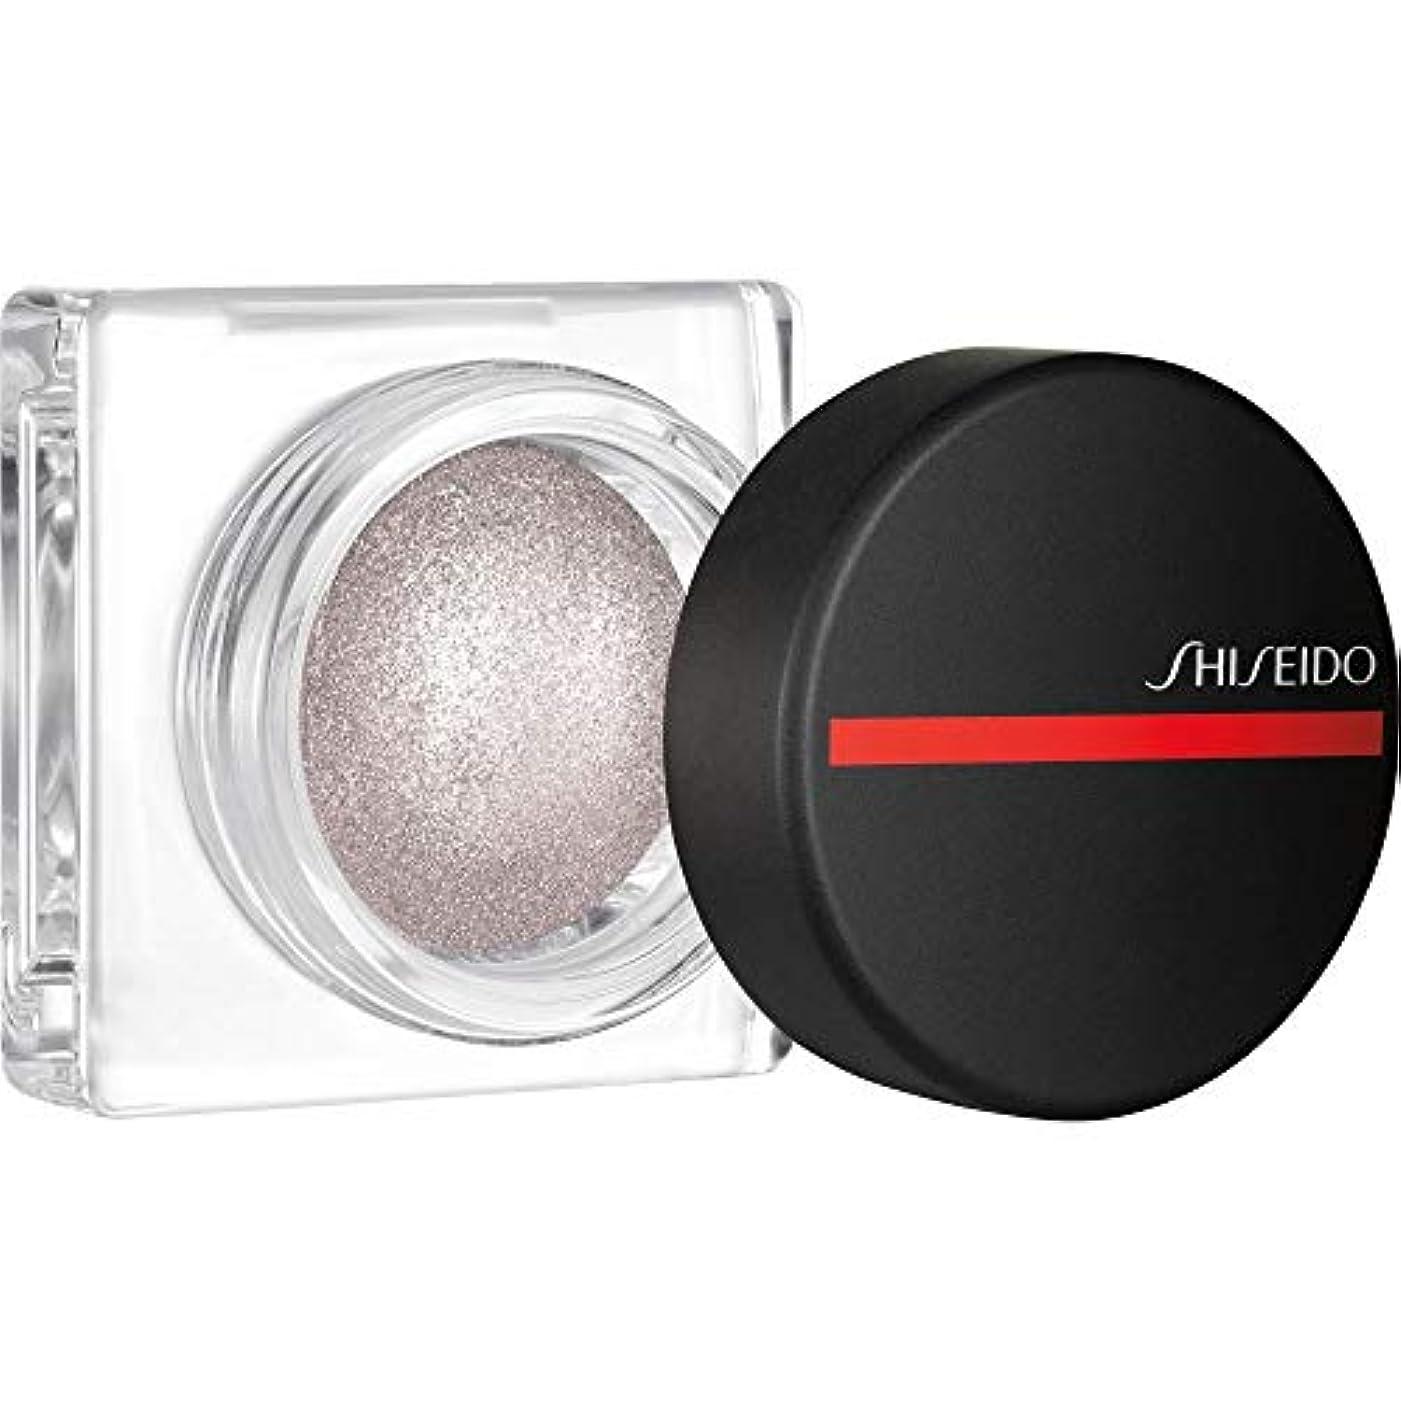 レイ雰囲気町[Shiseido] 資生堂のオーラ露の4.8グラム01 - 月面 - Shiseido Aura Dew 4.8g 01 - Lunar [並行輸入品]